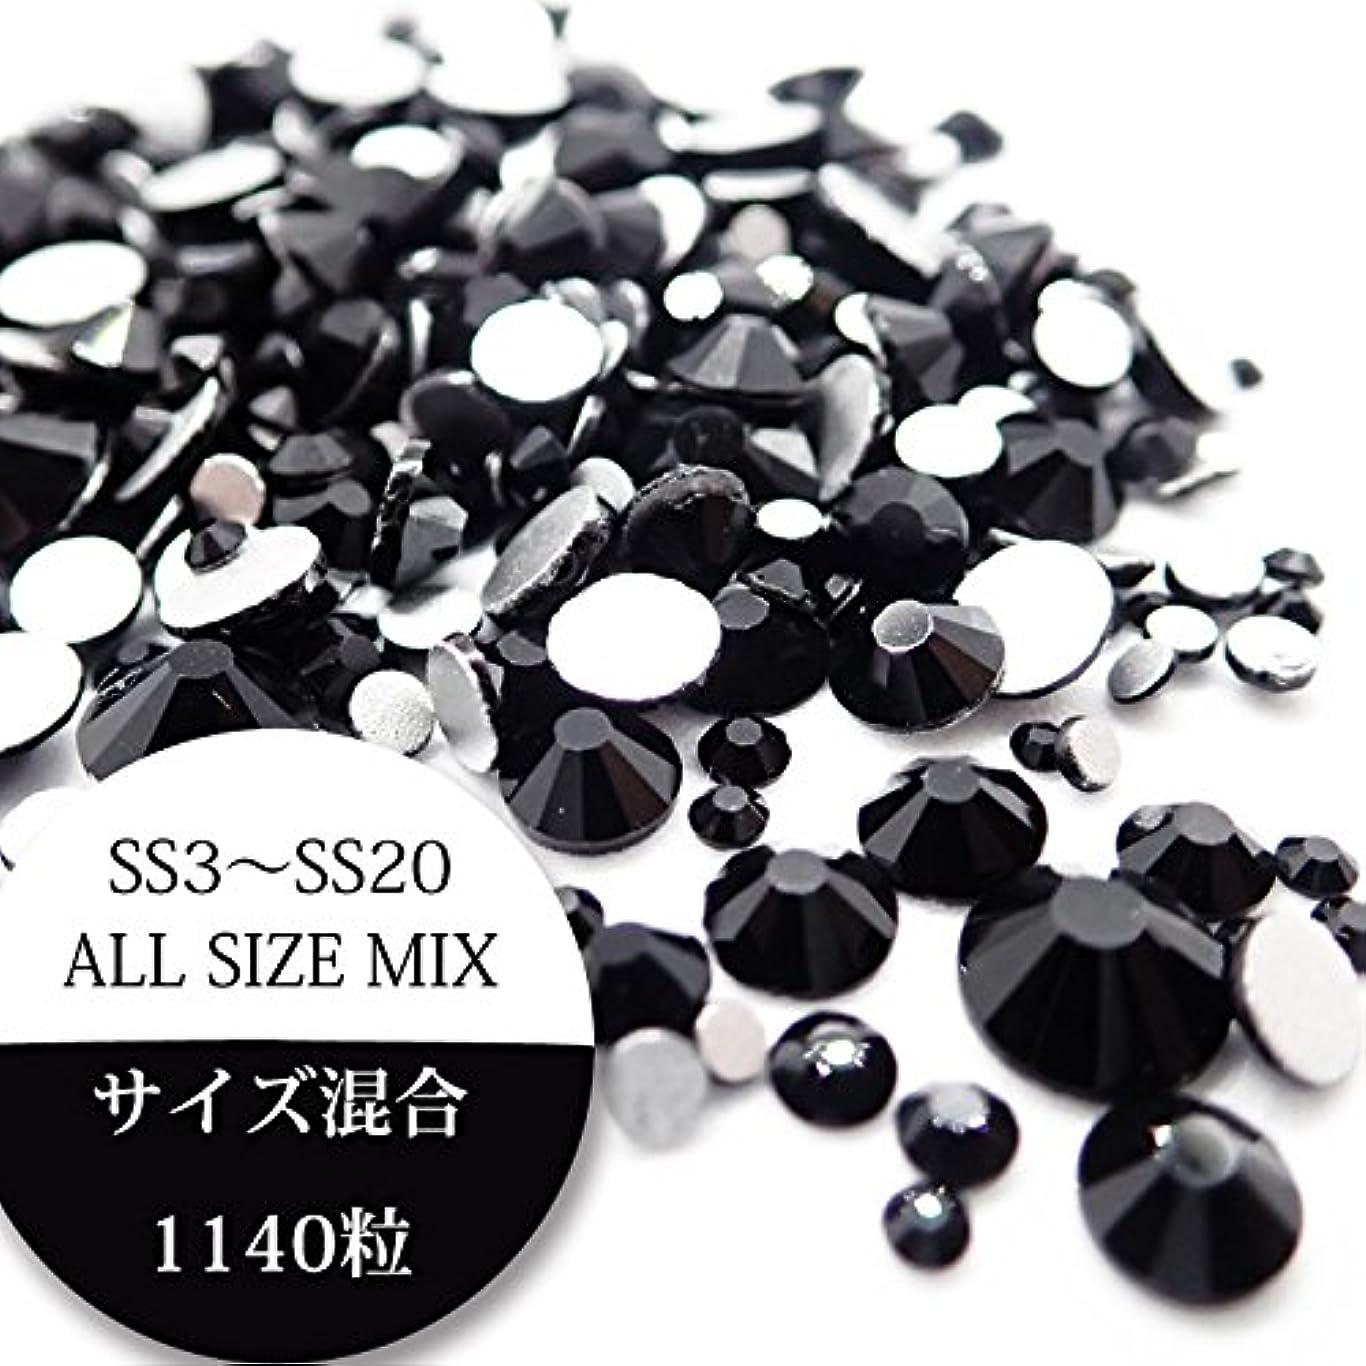 要求する貧しいパーティションスワロ代用 スワロに近い輝き ジェット Crystal Diamond サイズミックス 1140粒 SS3 SS5 SS6 SS10 SS12 SS8 SS16 SS20 SS30 SS40 SS50